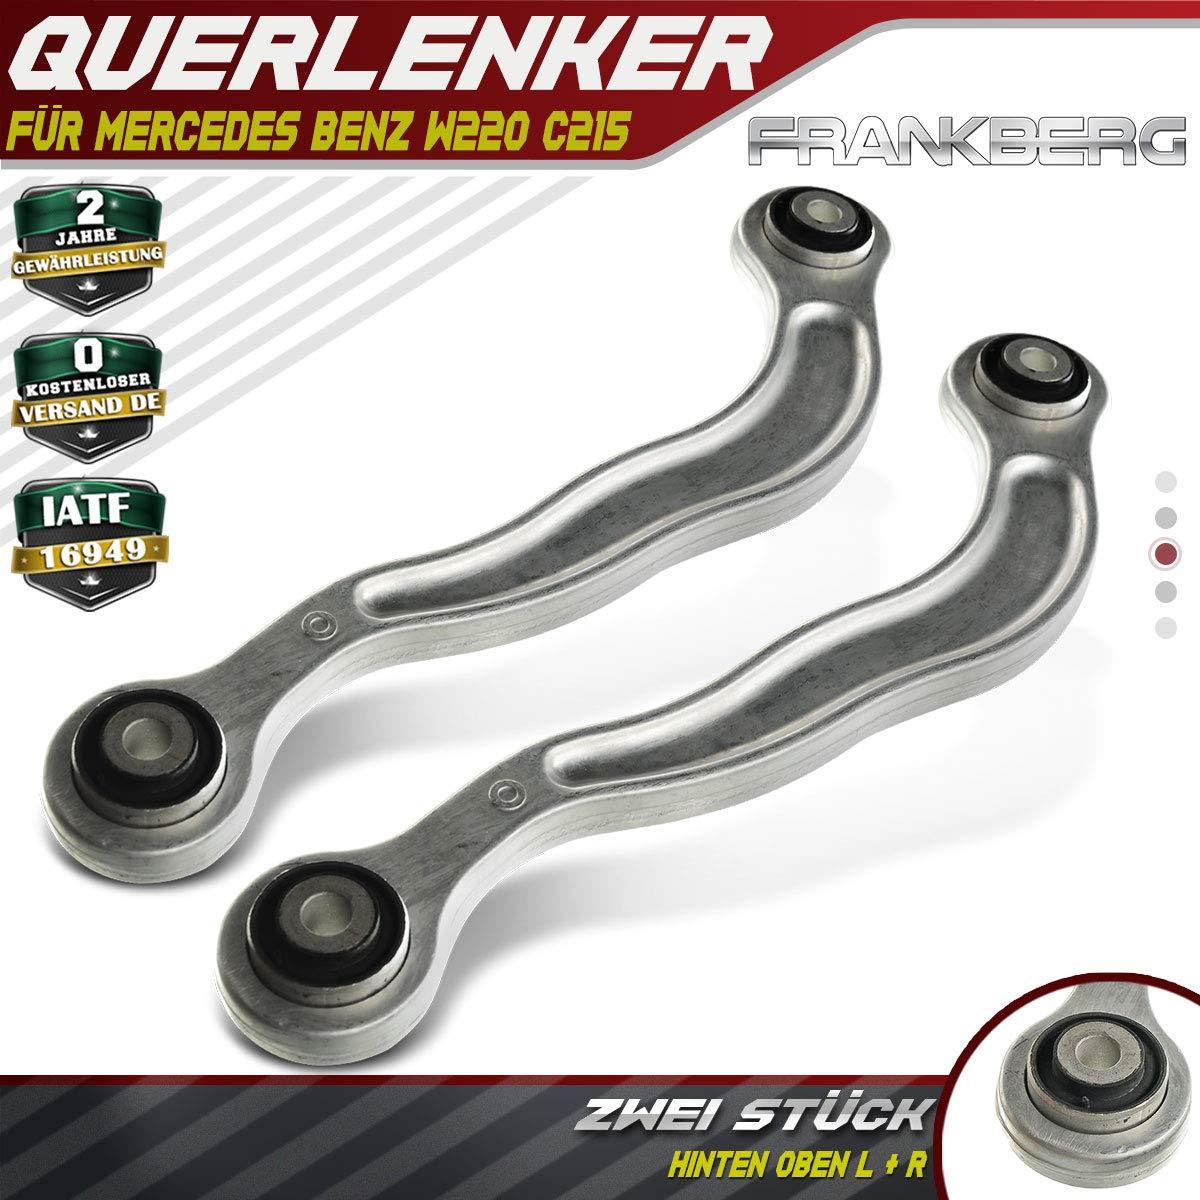 2x Radaufh/ängung Querlenker Lenker Hinten Oben L und R f/ür S280 S320 S350 S400 W220 C215 1998-2005 2203502406